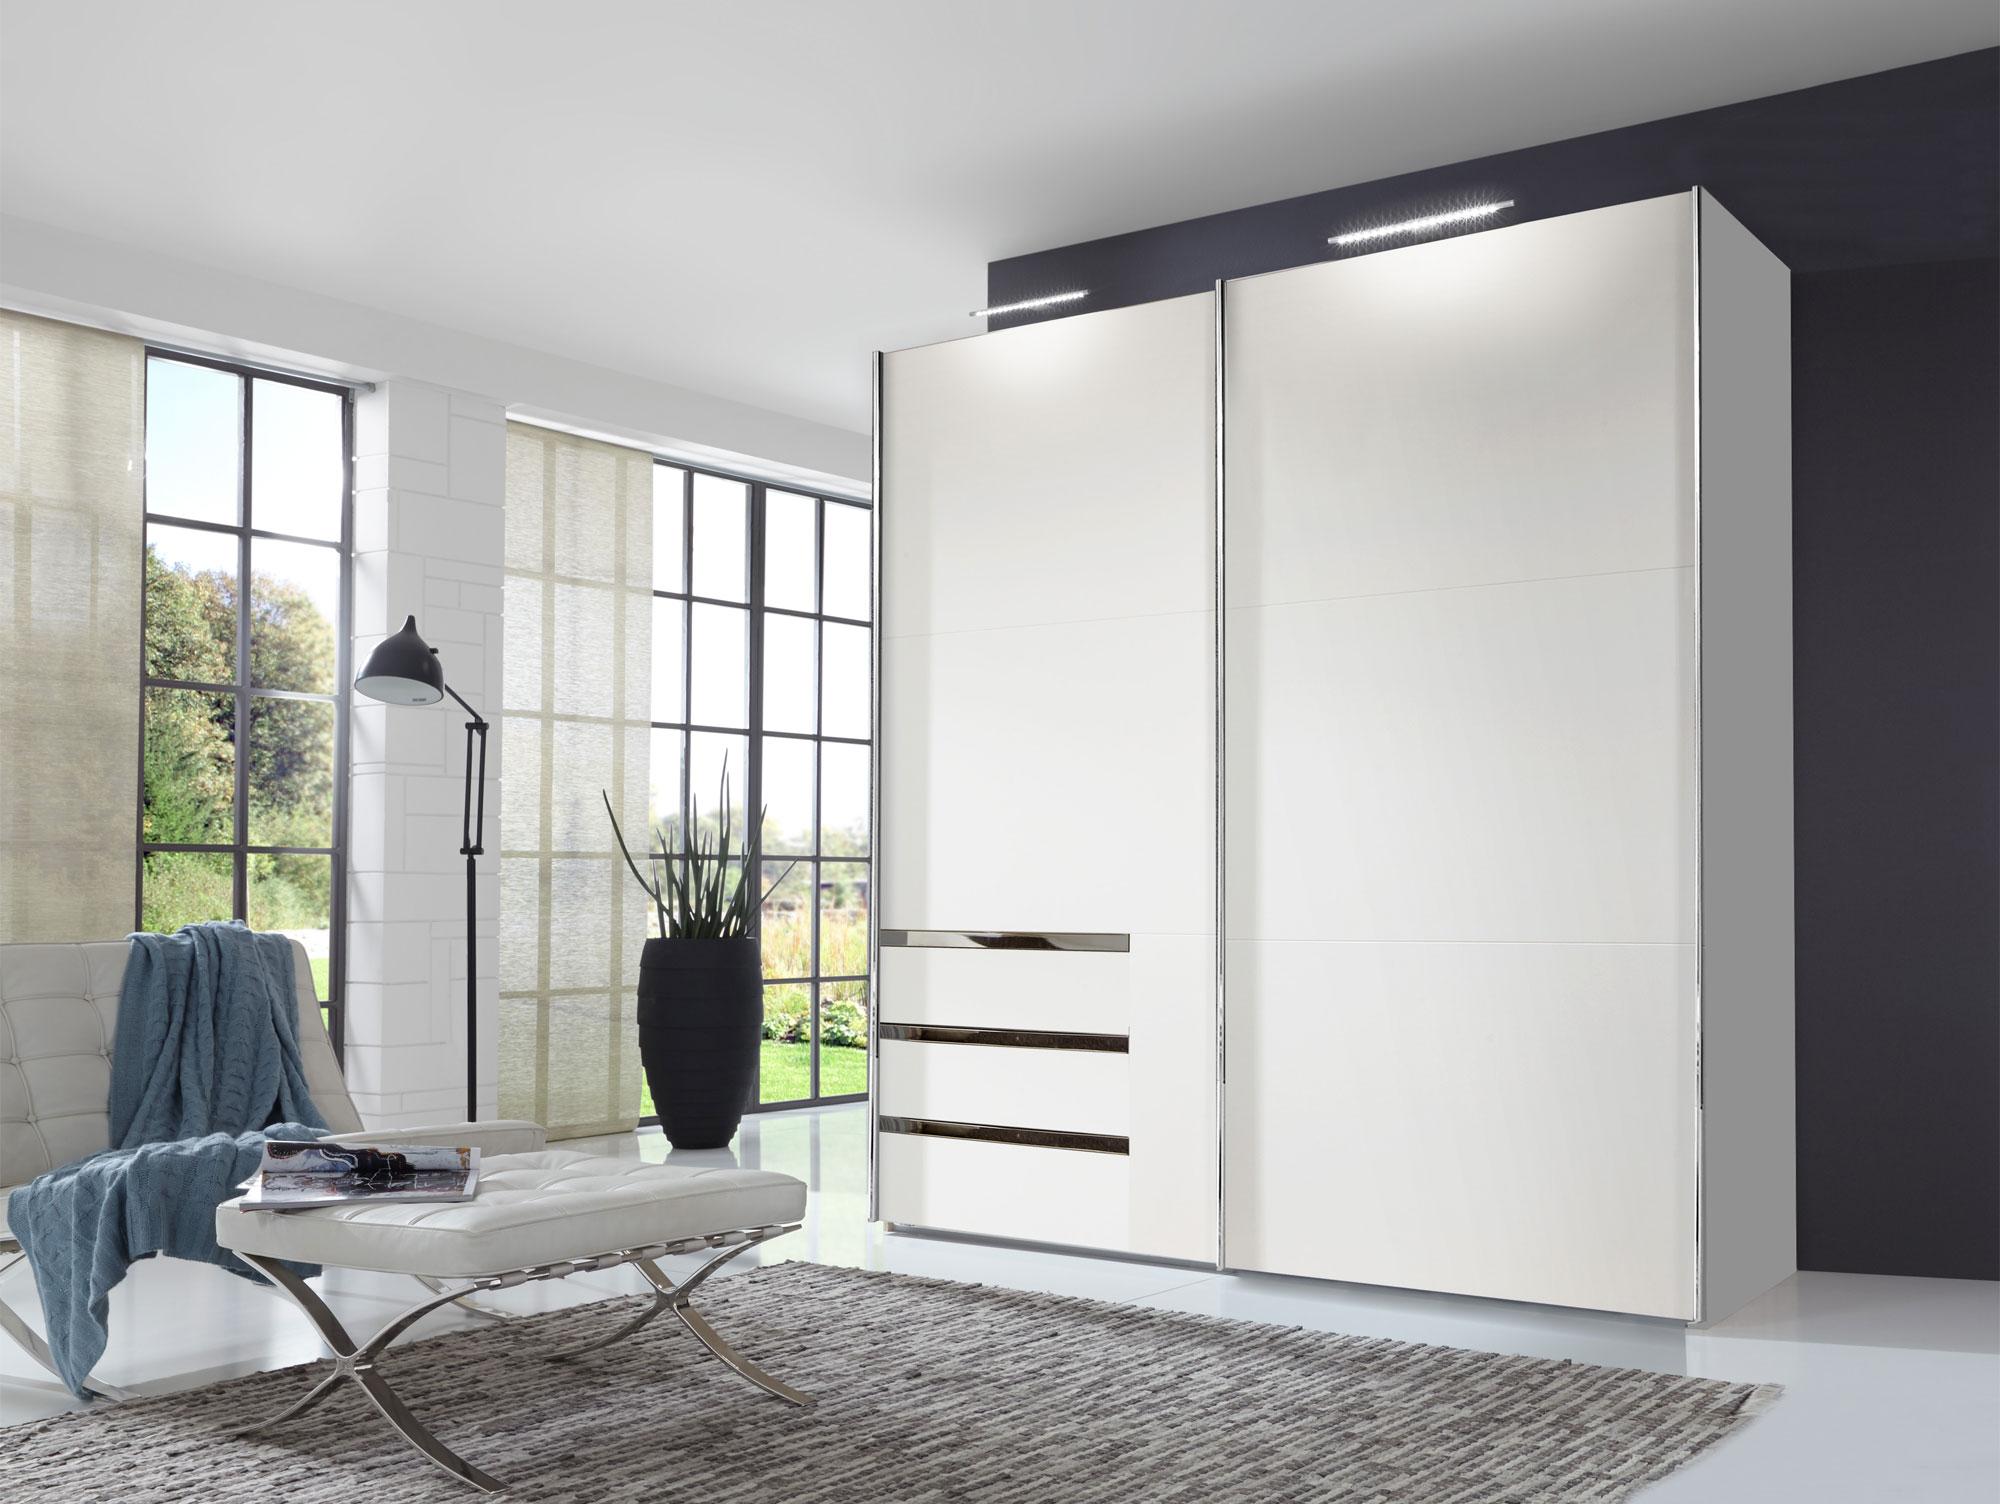 lakota schwebet renschrank weiss 200 cm 216 cm ohne spiegel. Black Bedroom Furniture Sets. Home Design Ideas